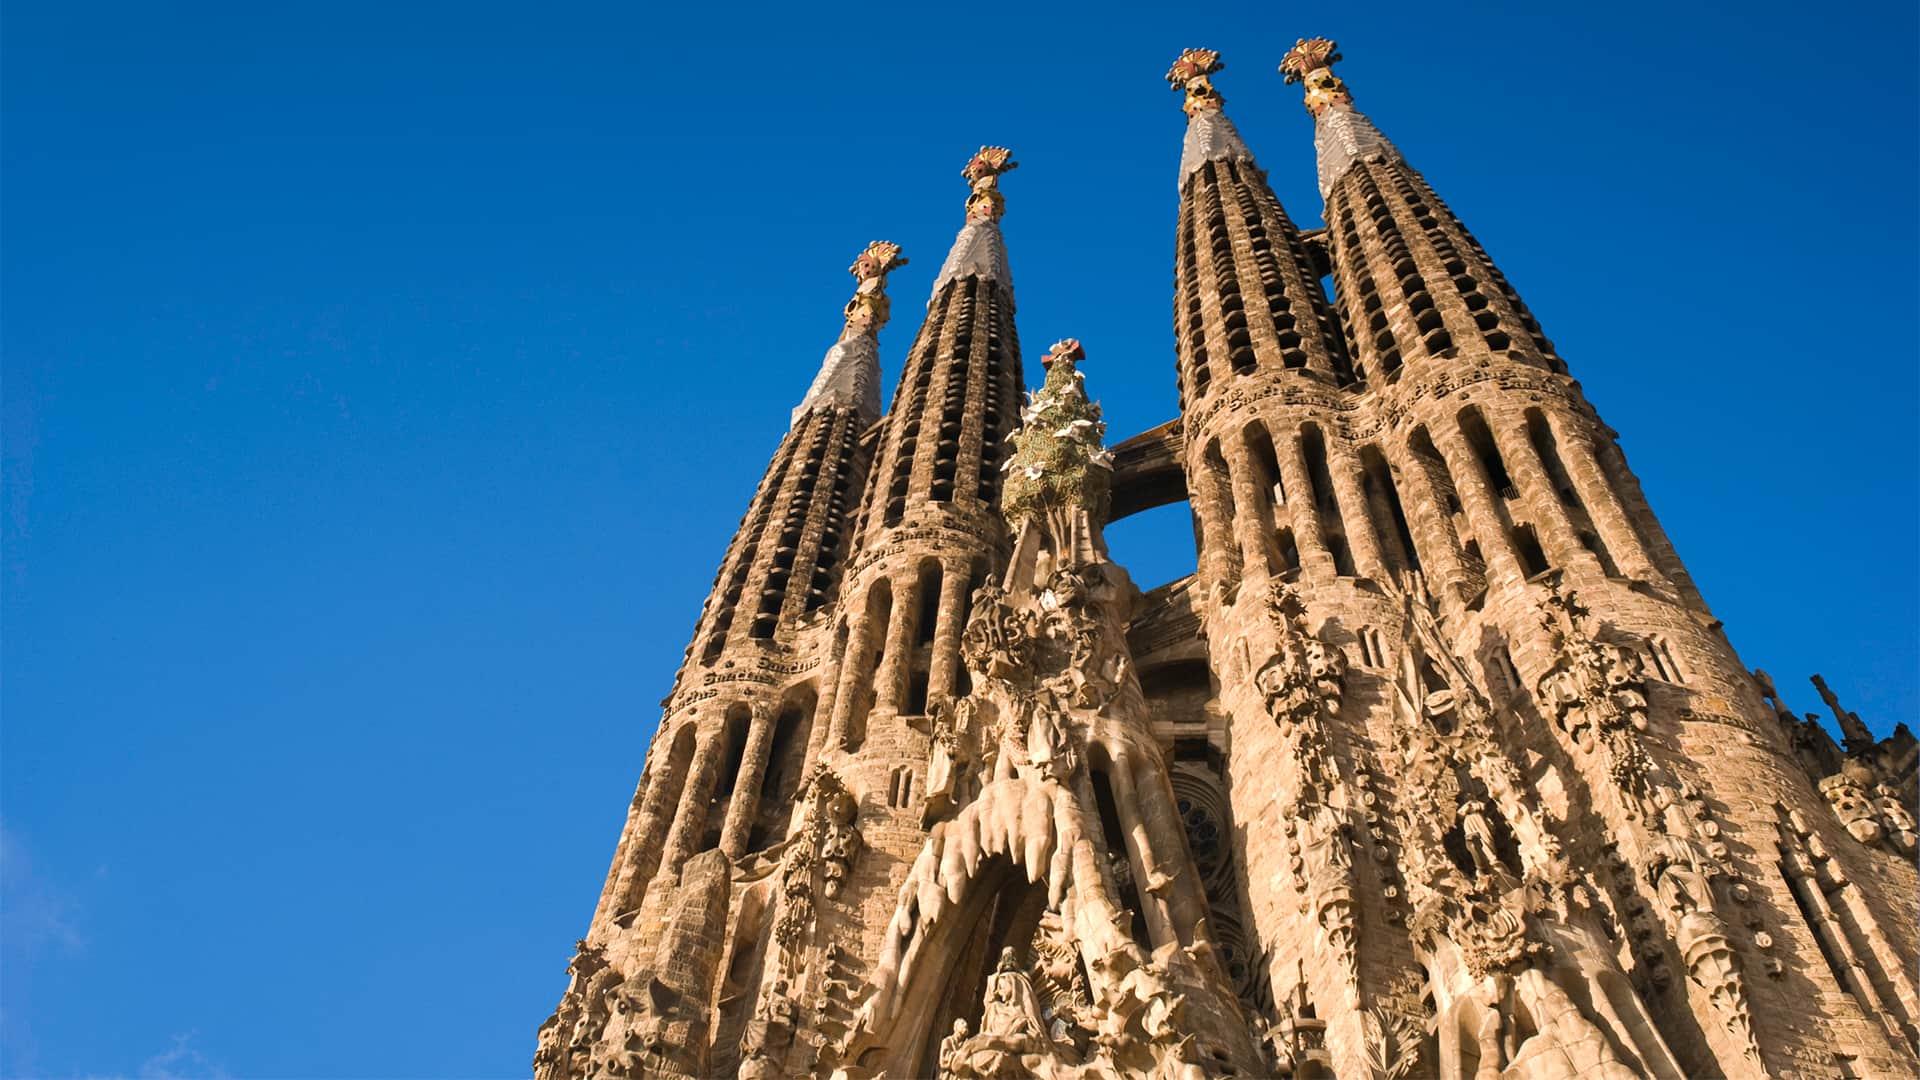 Vodafone Barcelona: ¿qué tiendas hay abiertas hoy?